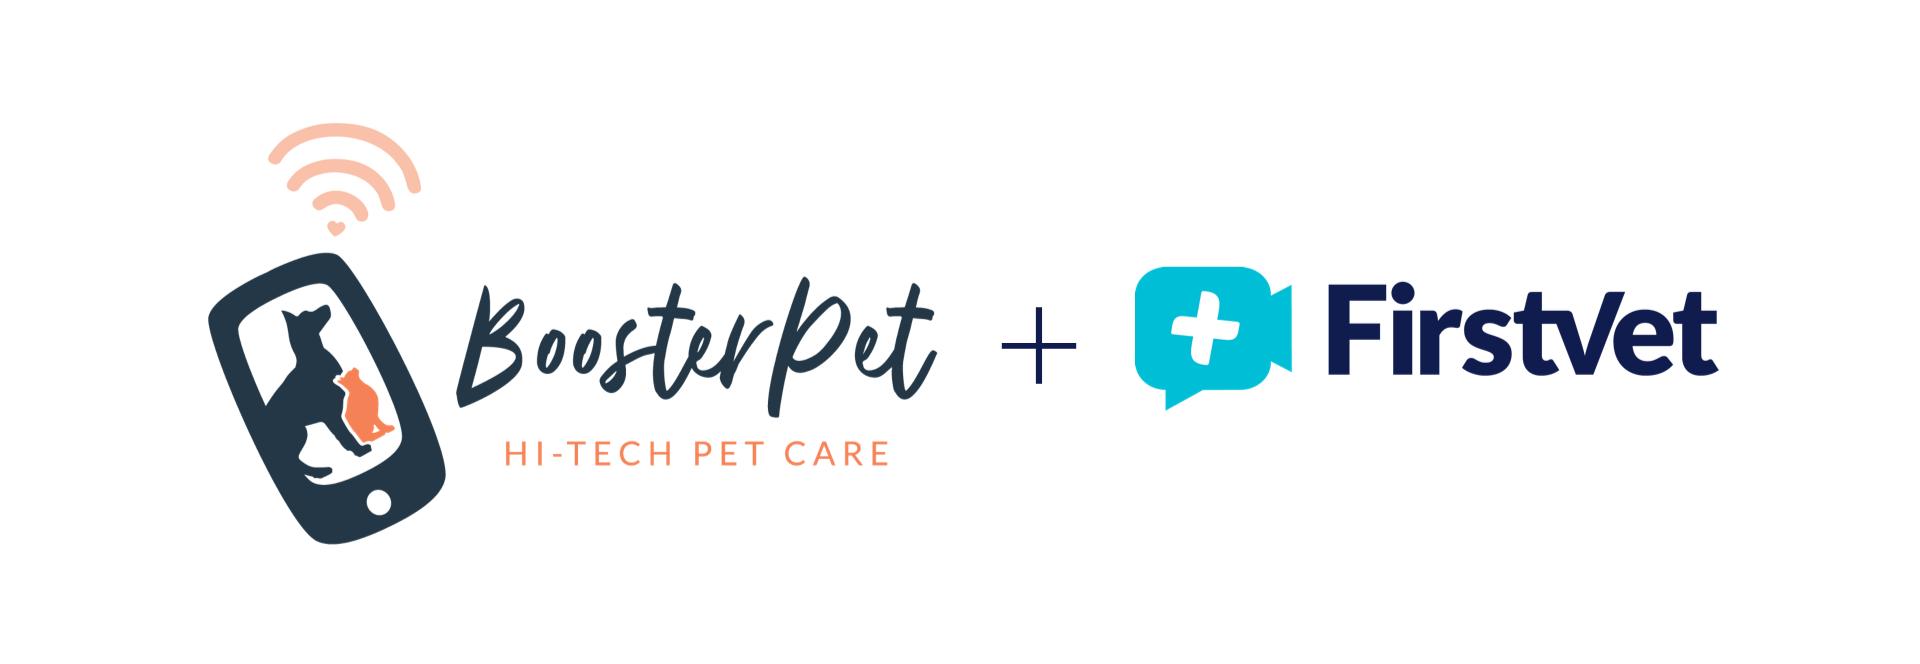 Booster Pet FV WEB HEADER